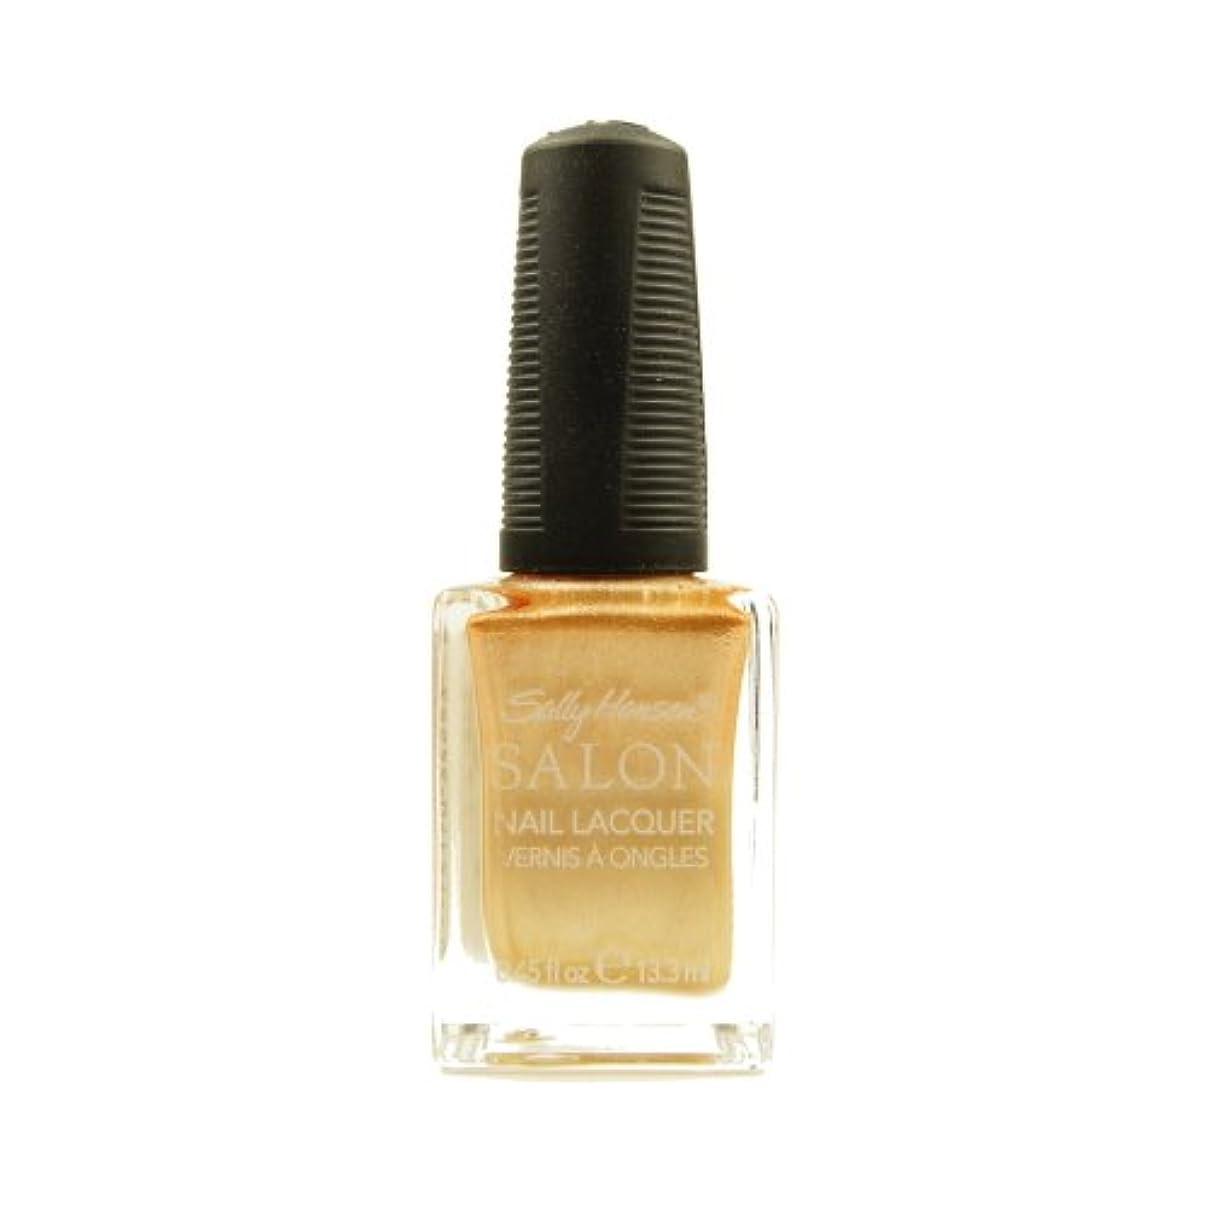 前売栄養嫌い(6 Pack) SALLY HANSEN Salon Nail Lacquer 4134 - Gilty Pleasure (並行輸入品)